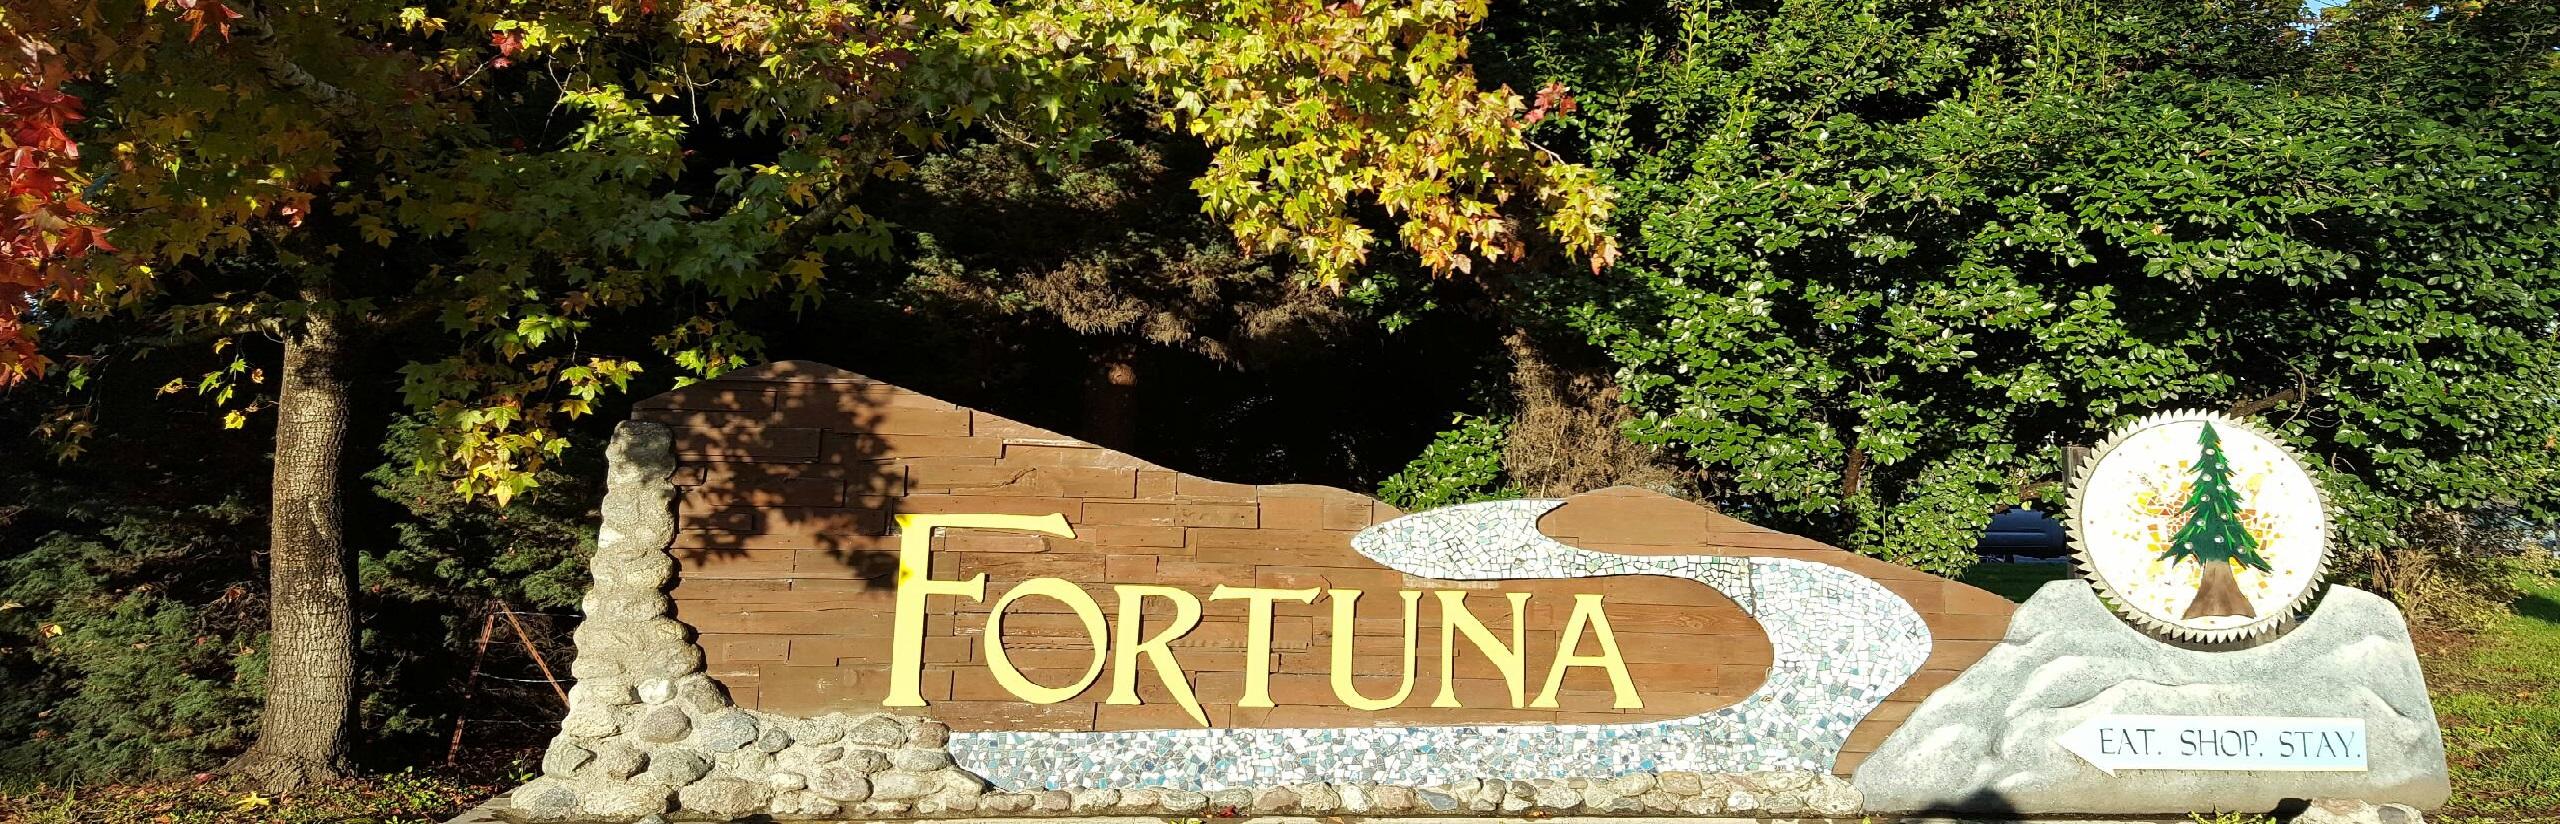 Fortuna sign